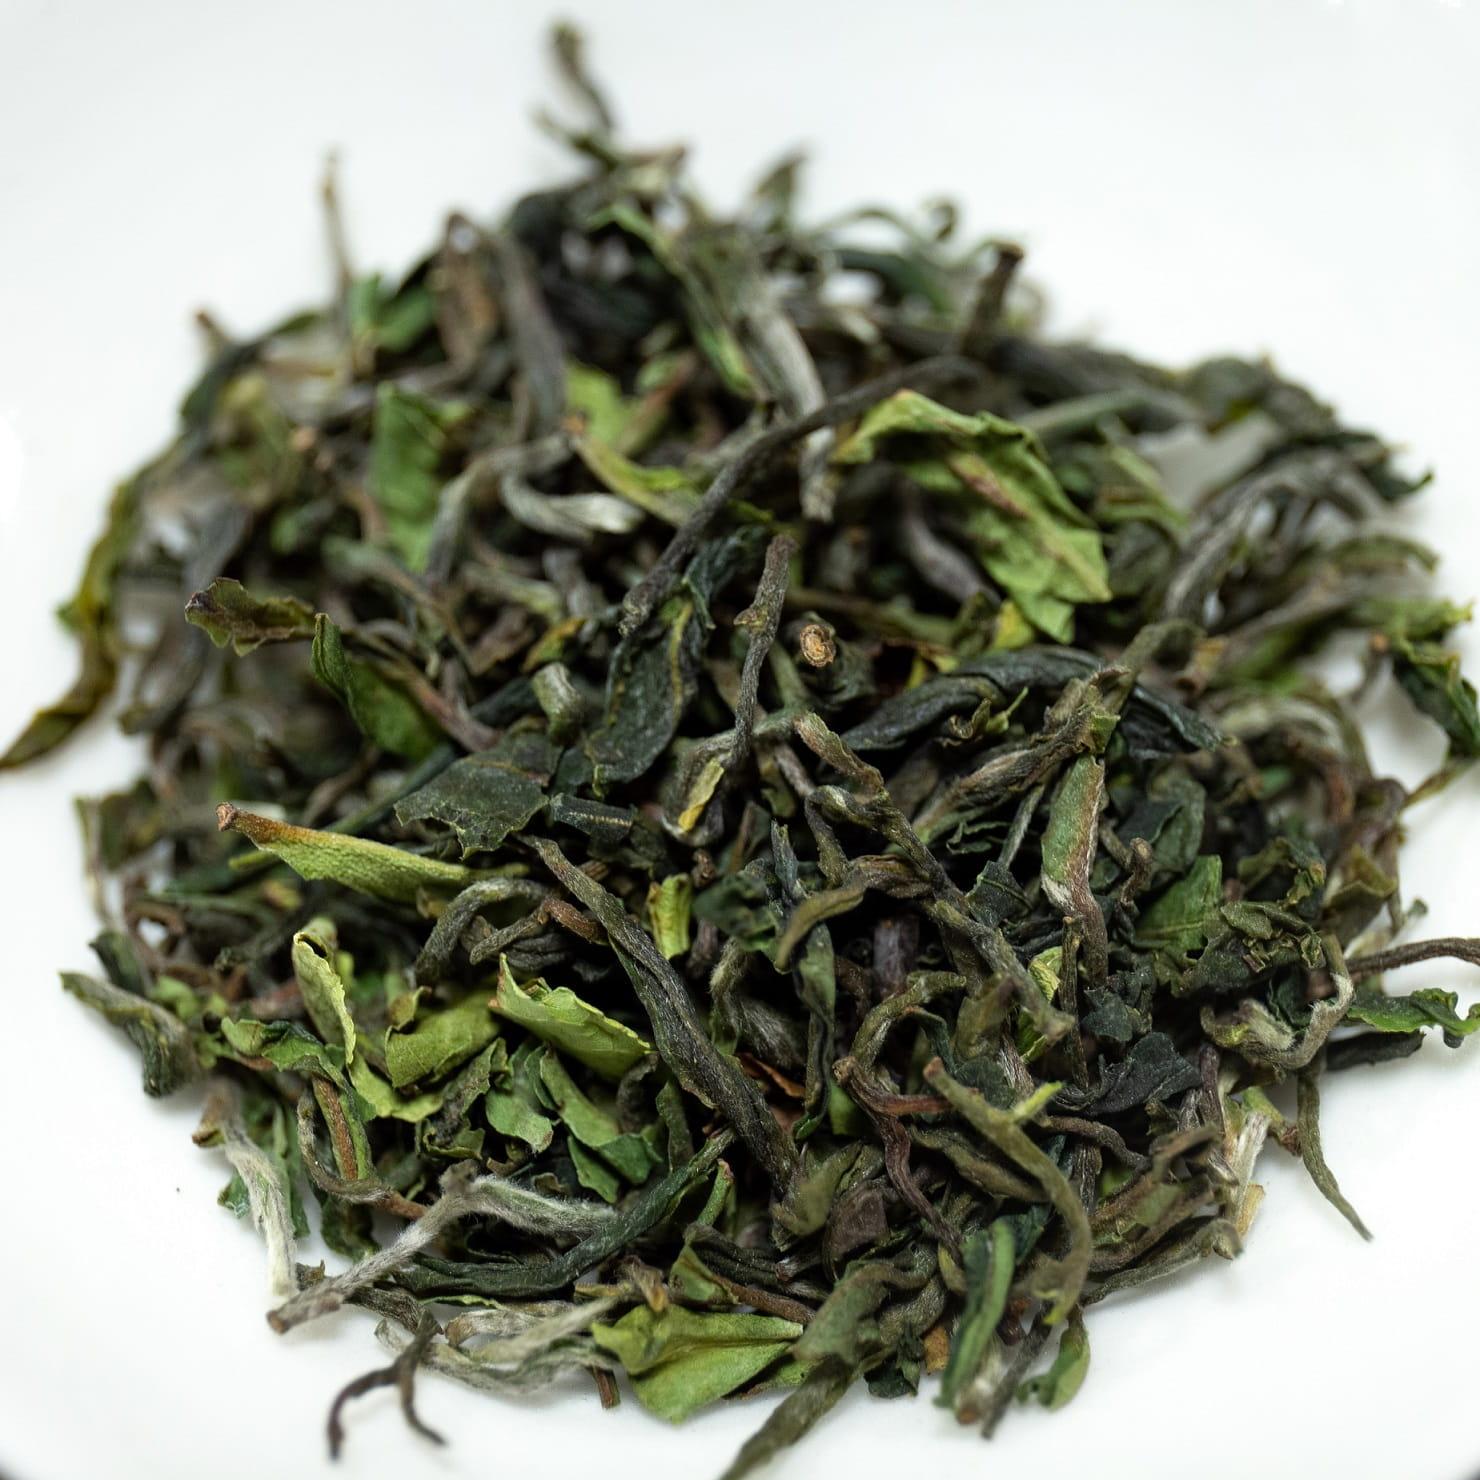 Herbata Czarna Darjeeling First Flush 2021 SFTGFOP1 CH GIDDAPAHAR 02/21